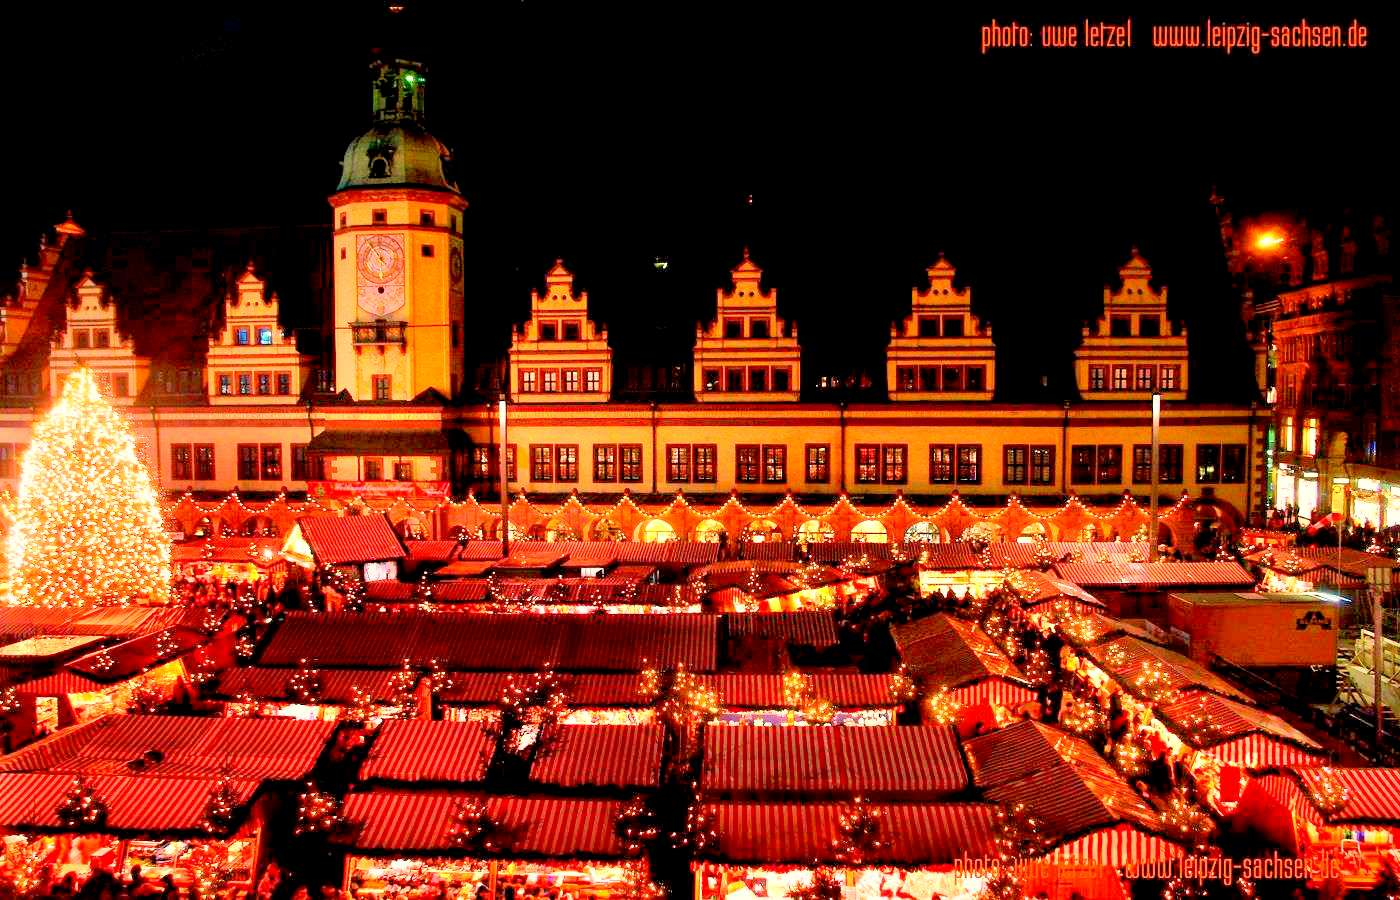 Leipziger Weihnachtsmarkt.Leipzig Weihnachtsmarkt 2018 Leipzig Sachsen De